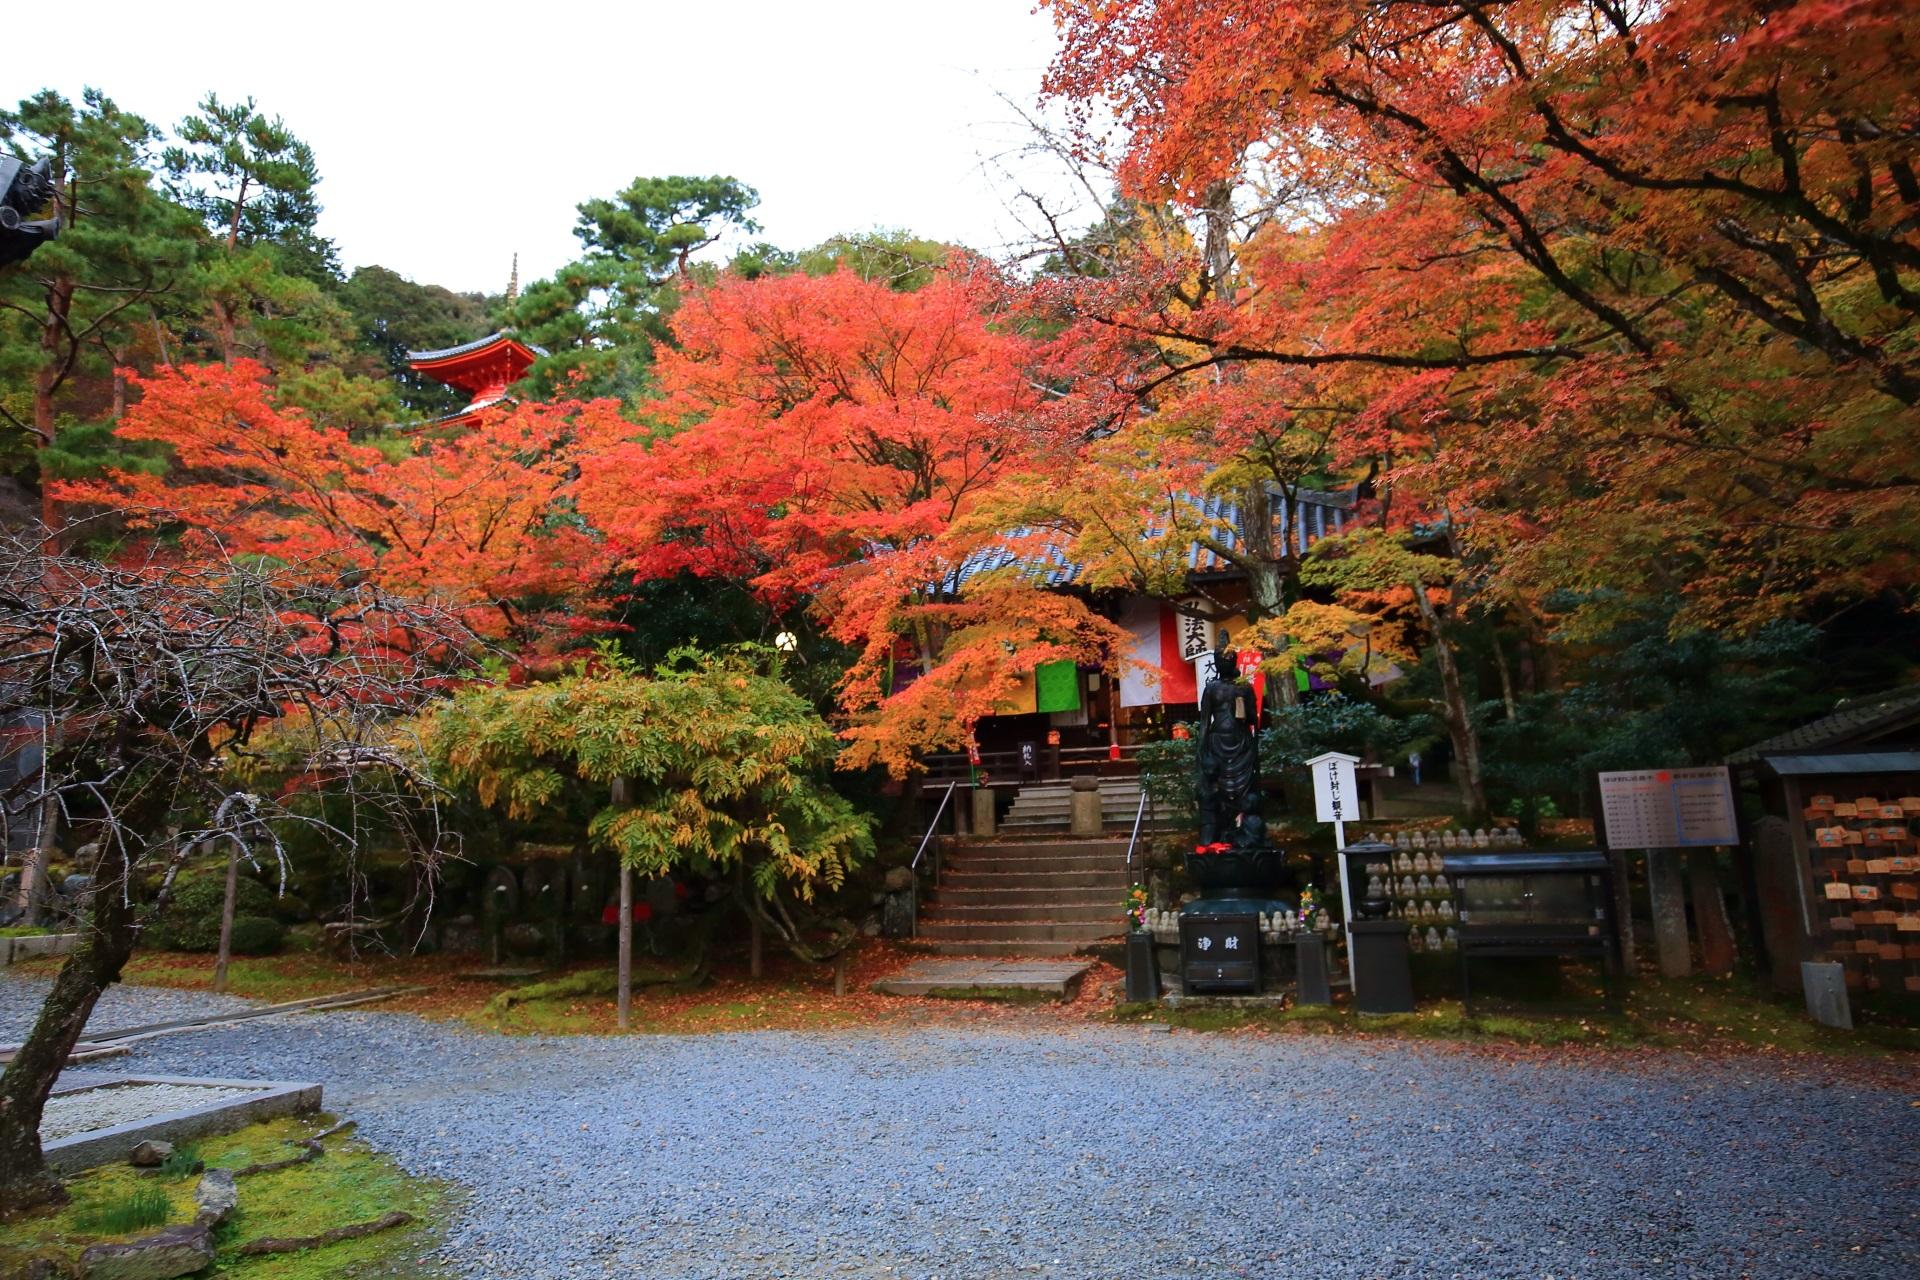 大師堂と多宝塔の鮮やかに染まる紅葉